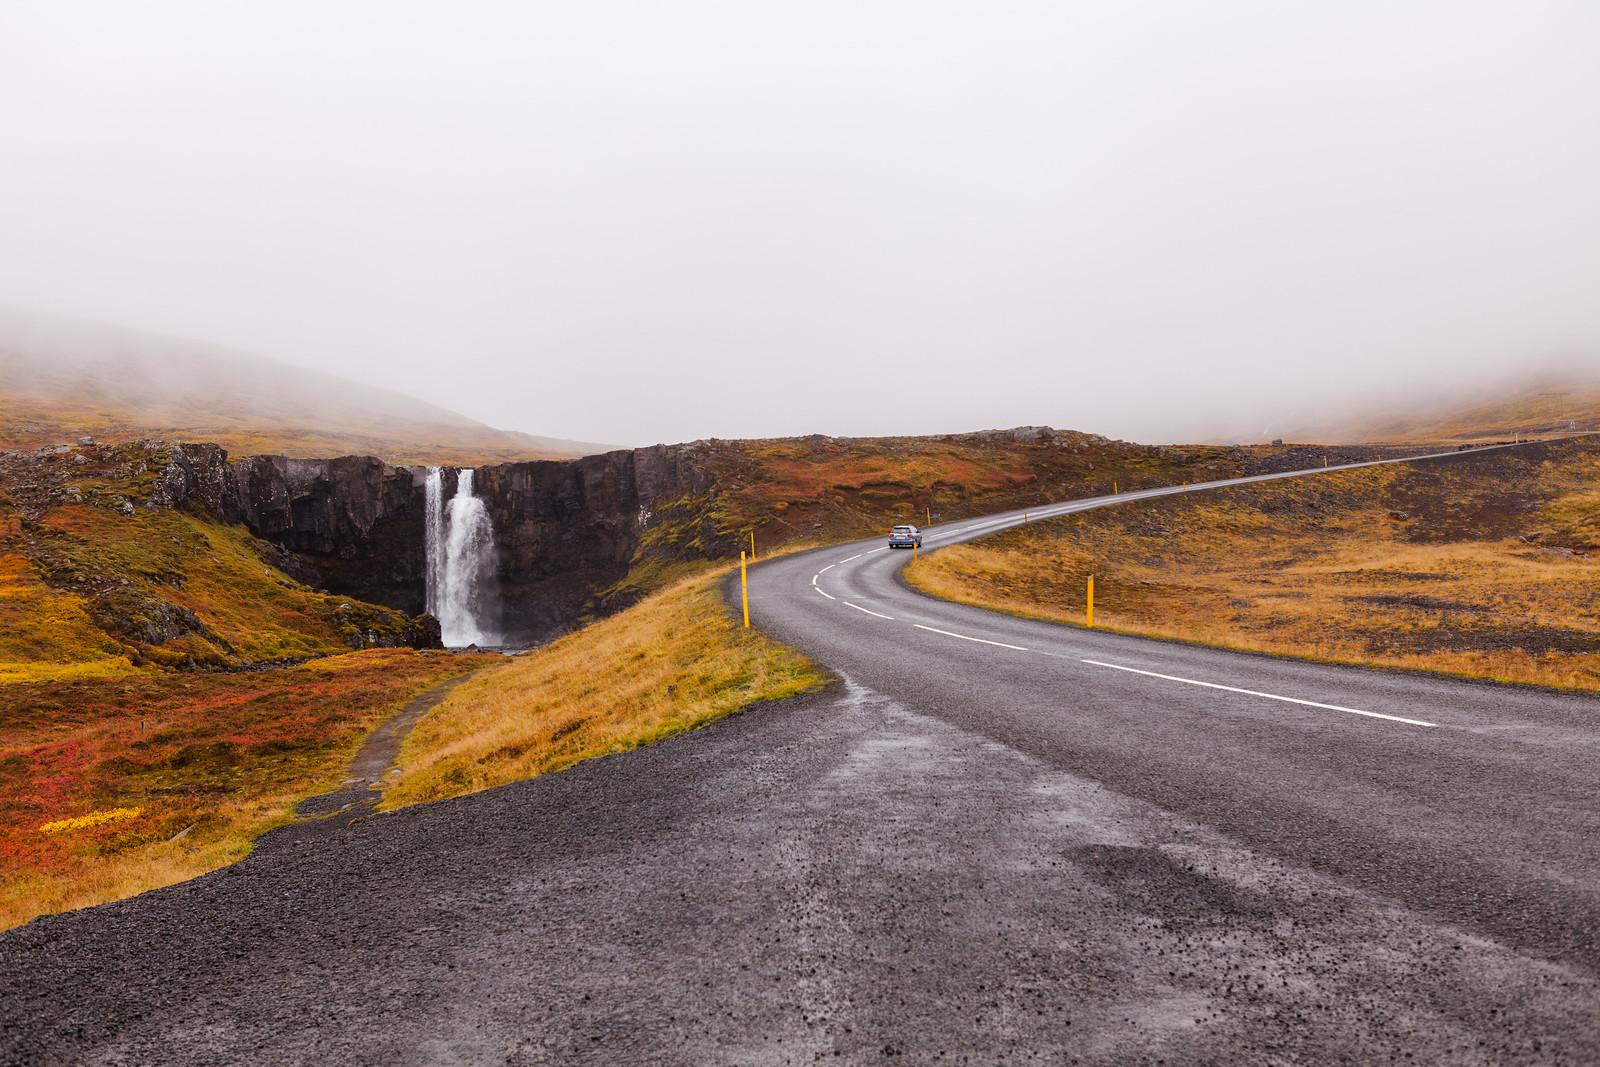 【北歐自助旅行】Day 8(冰島 / 塞濟斯菲厄澤)